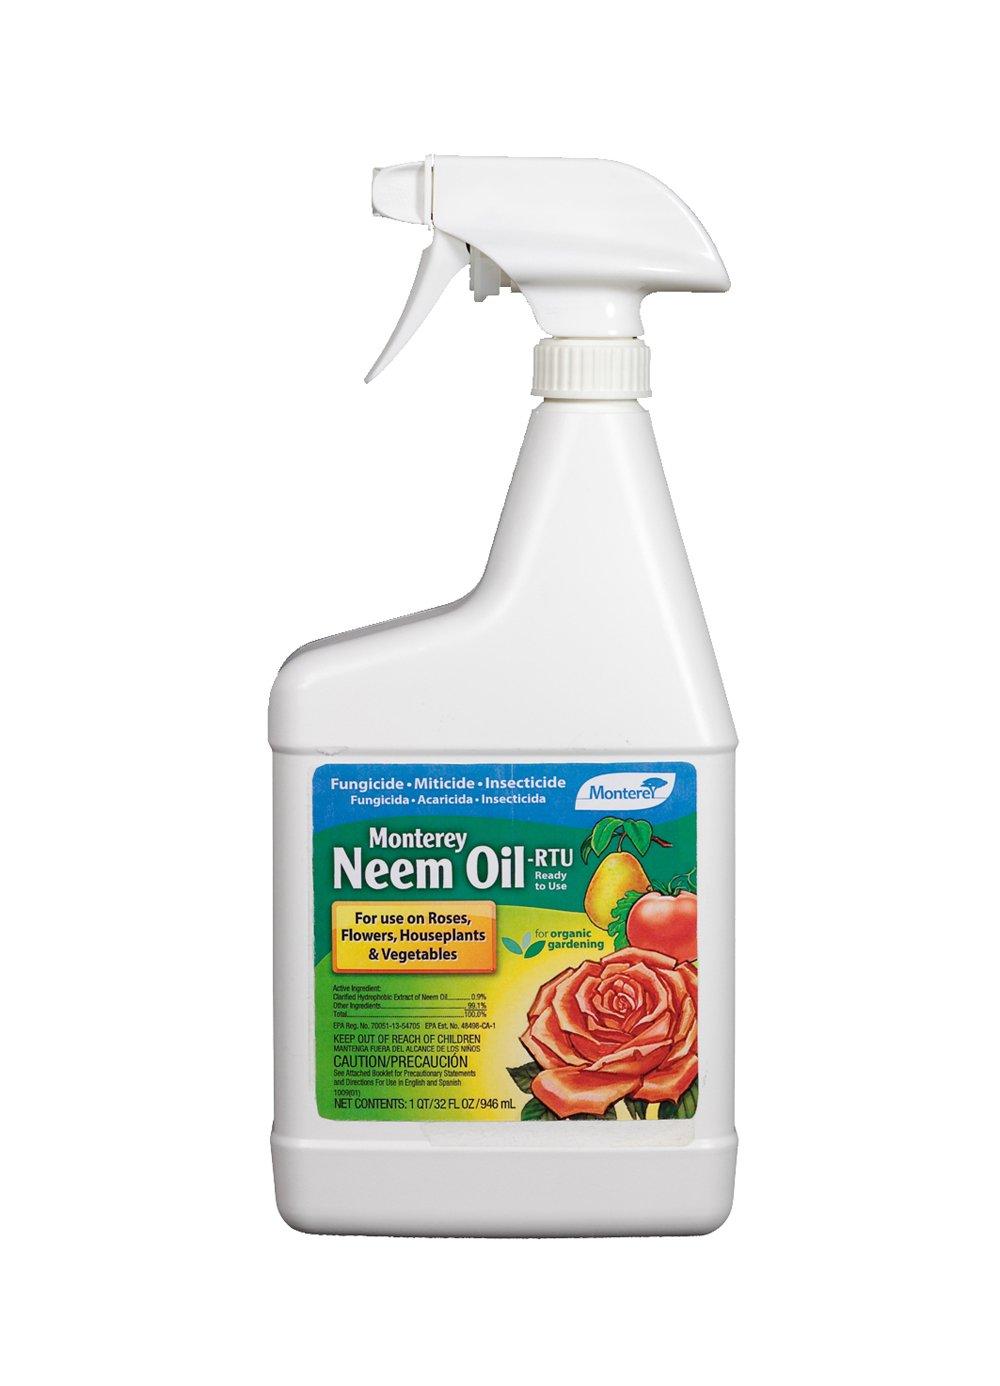 Monterey Neem Oil Ready-to-Use 32oz